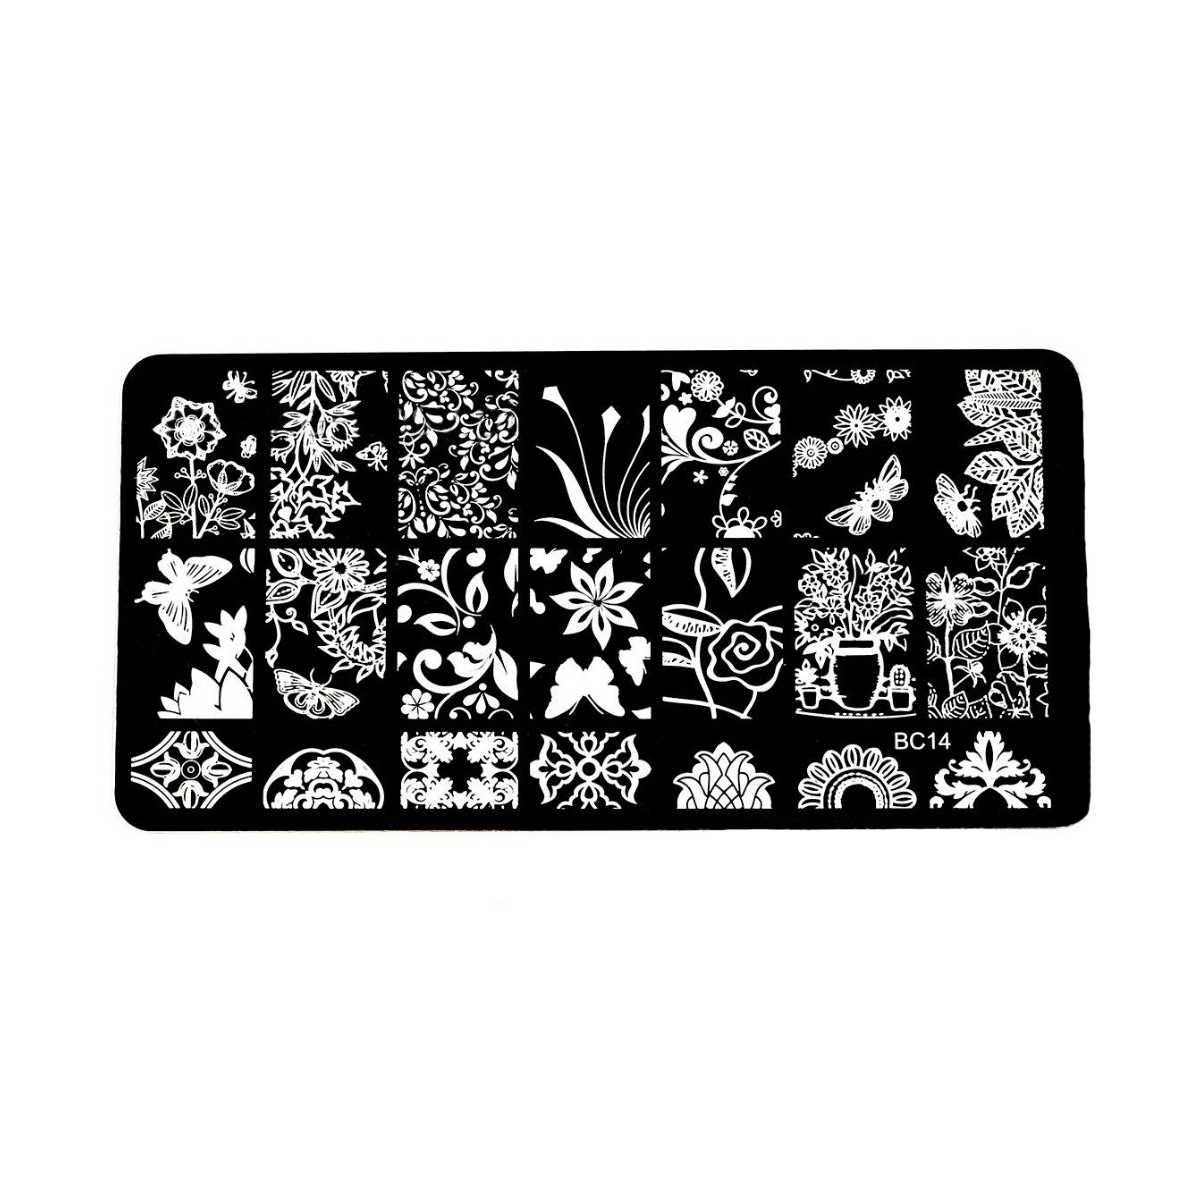 https://www.kit-manucure.com/1622-thickbox_default/plaque-de-stamping-motifs-intégraux-fleur-papillon-et-feuillage-bc14.jpg